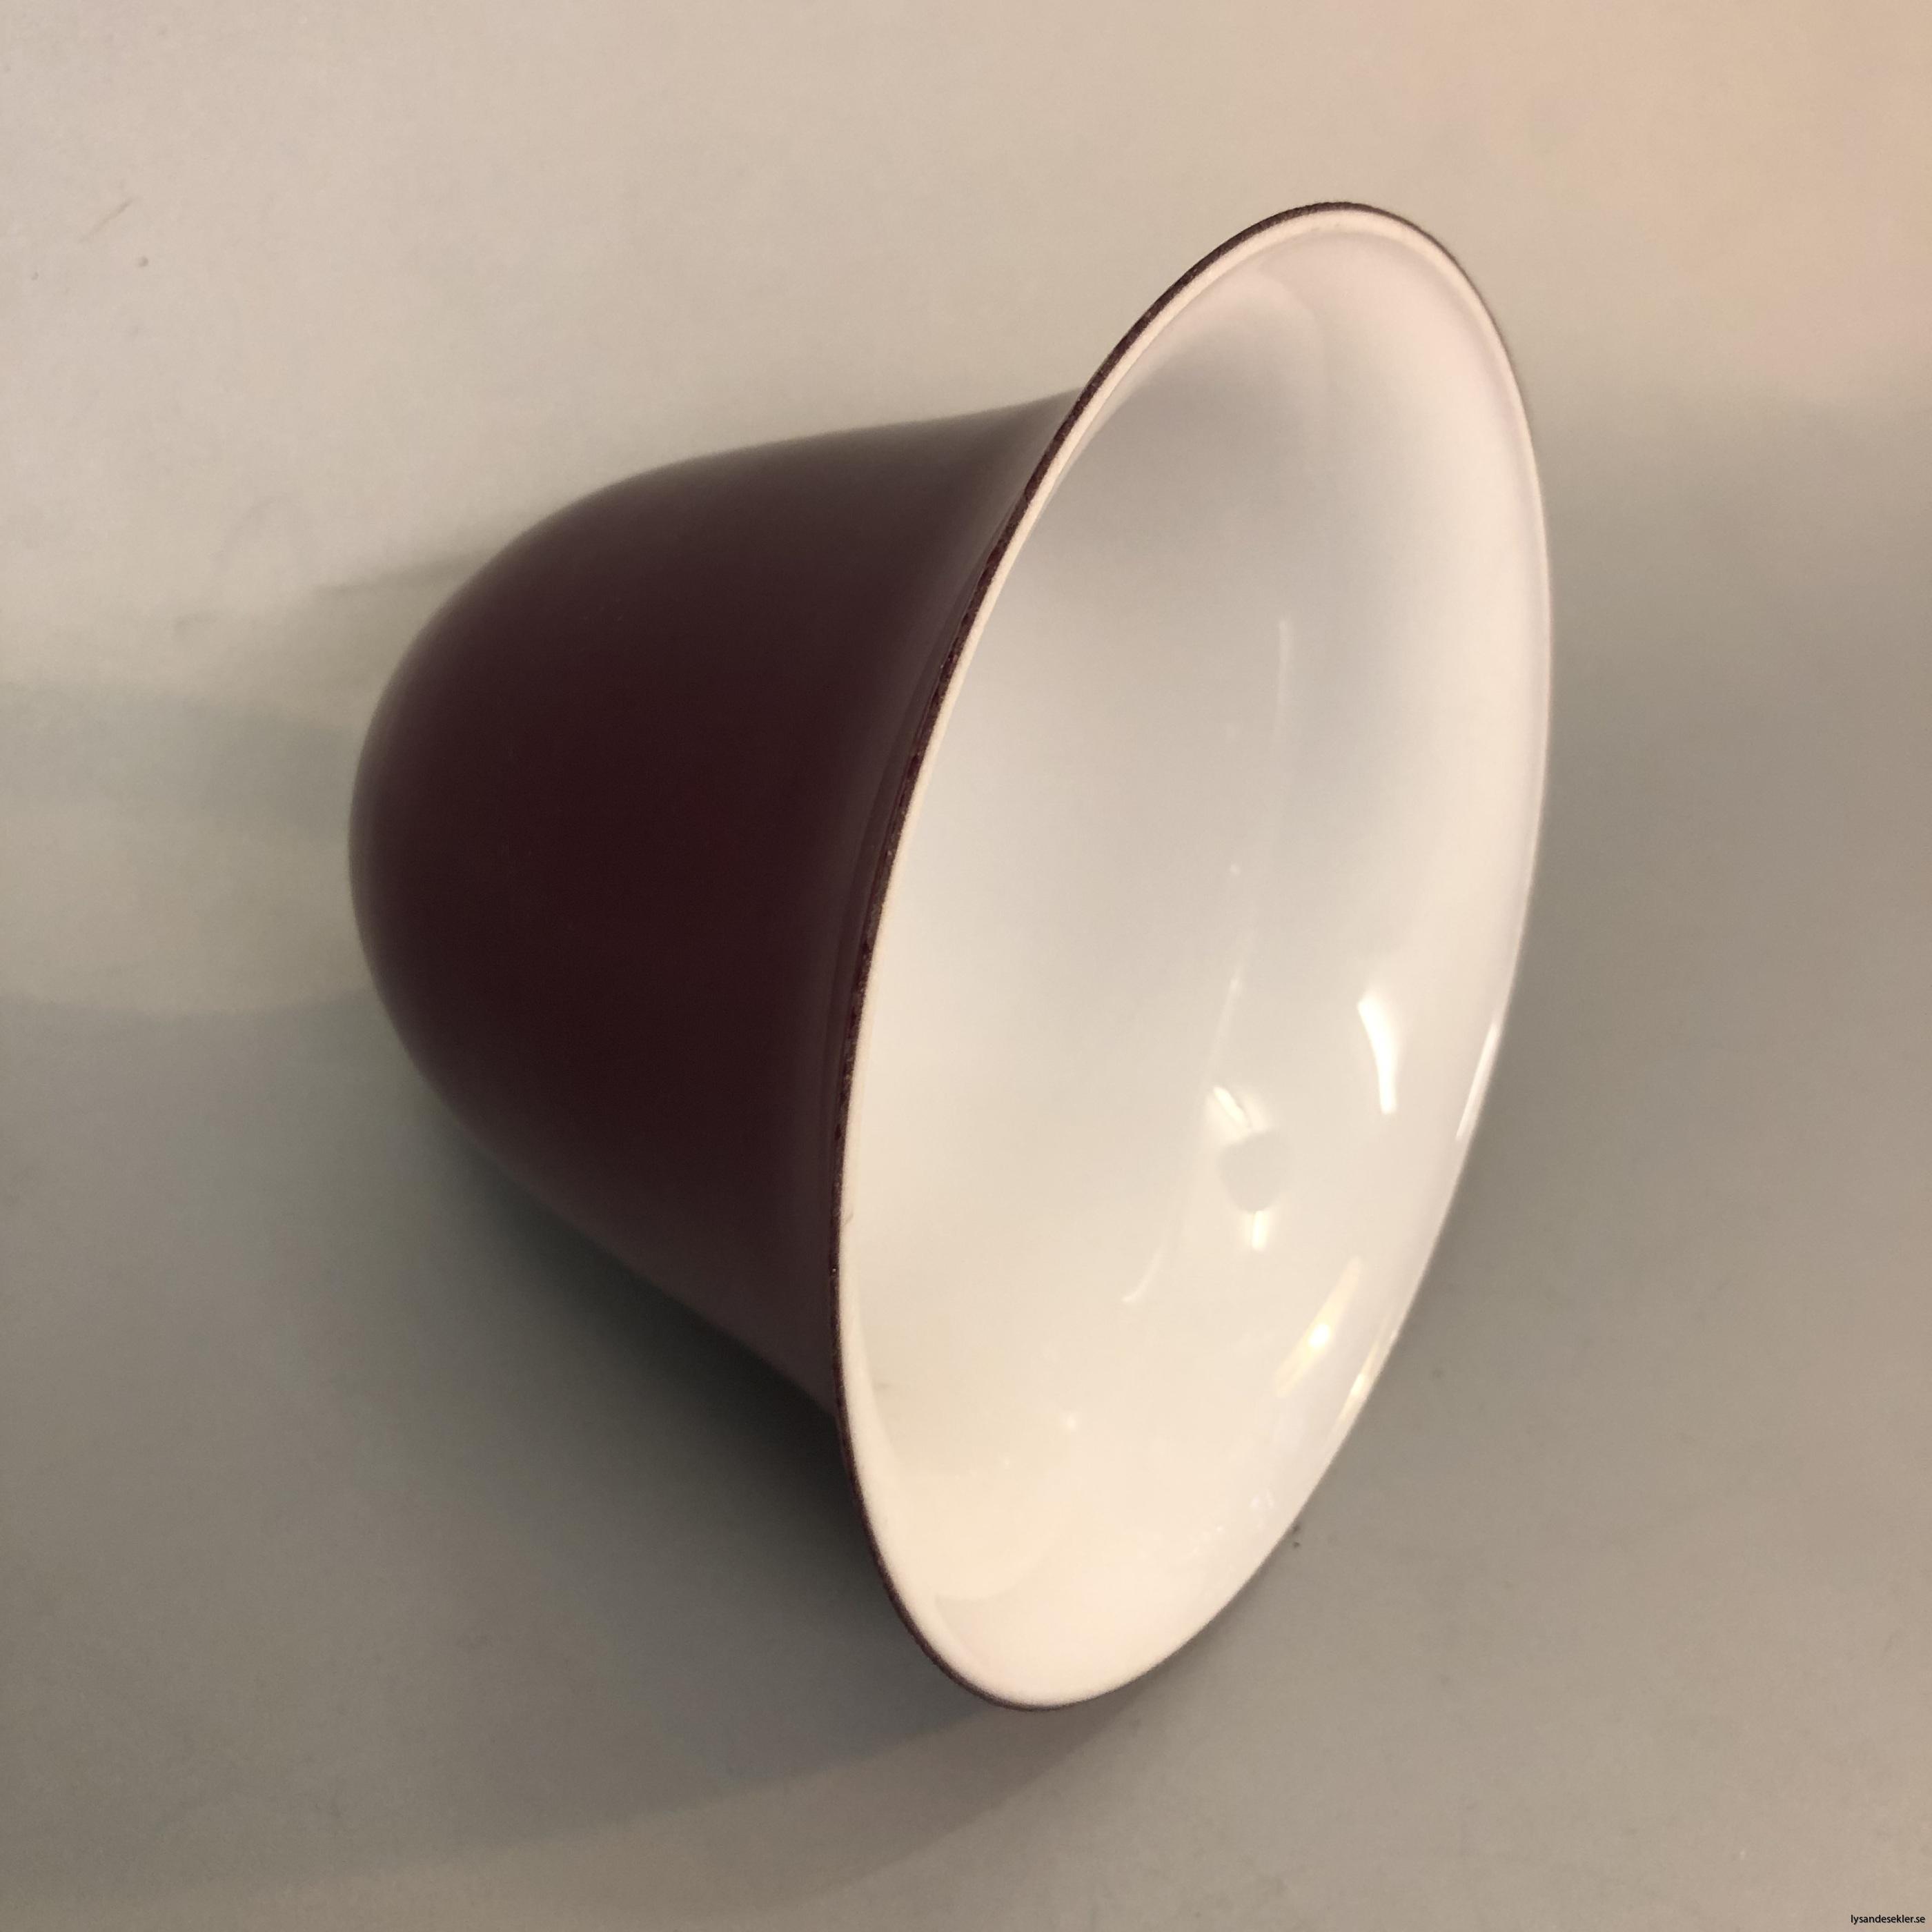 vinröd lampskärm lampkupa antik  utan fläns för E144